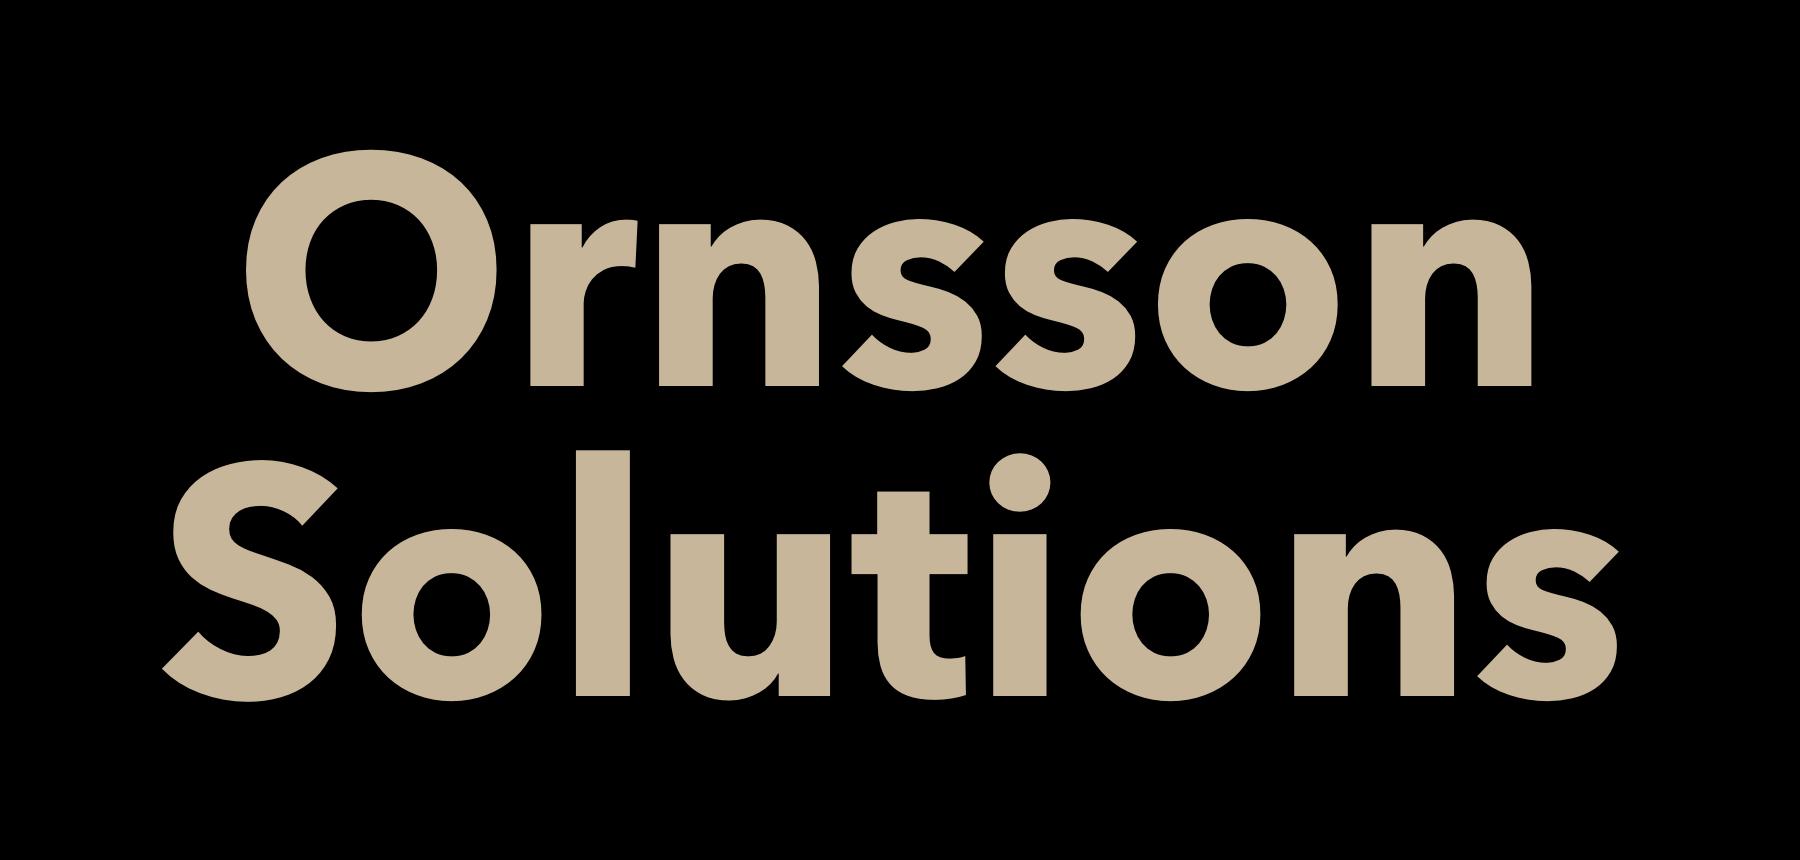 ornsson